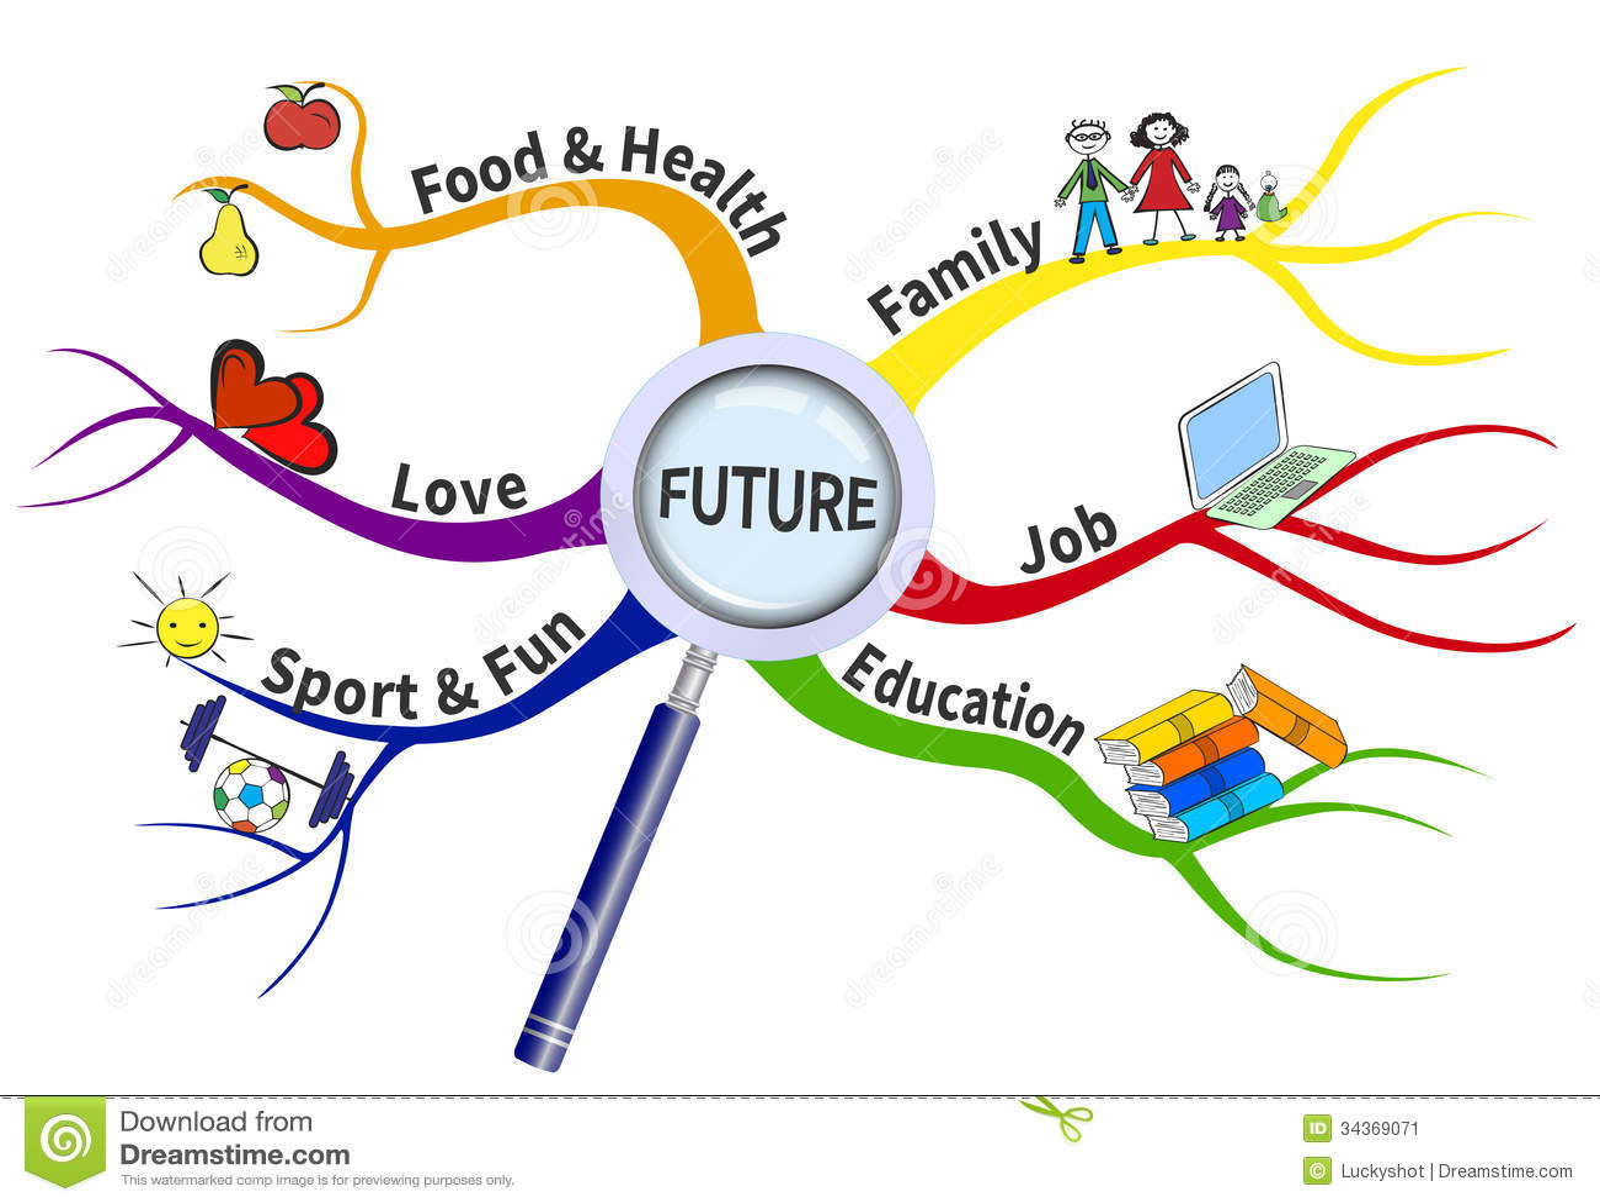 plan pour l 39 avenir sur une carte d 39 esprit illustration de vecteur illustration du id e. Black Bedroom Furniture Sets. Home Design Ideas